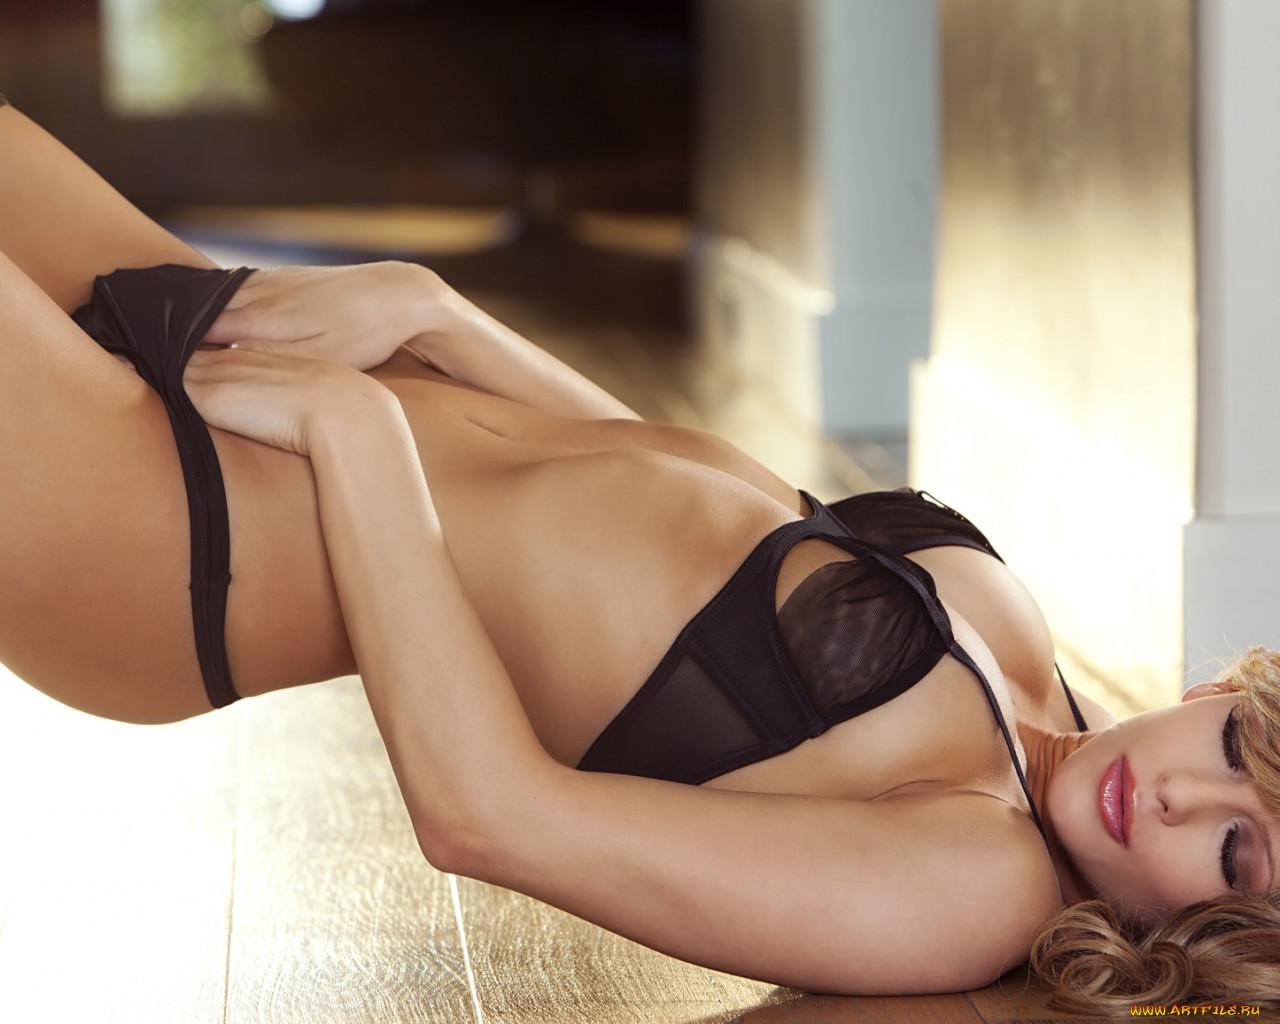 Фото девушки в v-стрингах и полосатых чулках